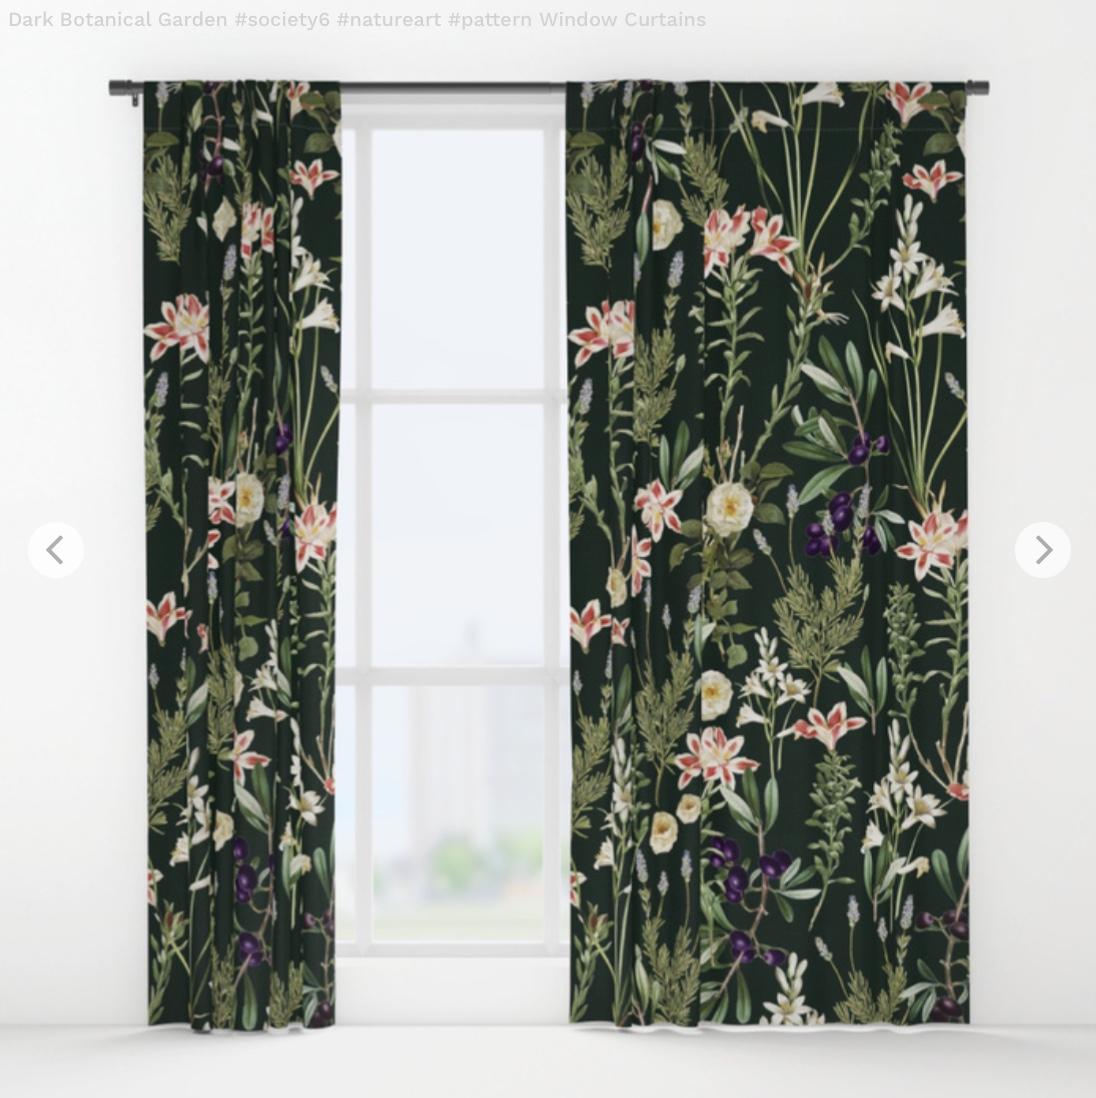 Dark Botanical Garden - pattern Window Curtains by 83oranges   Society6